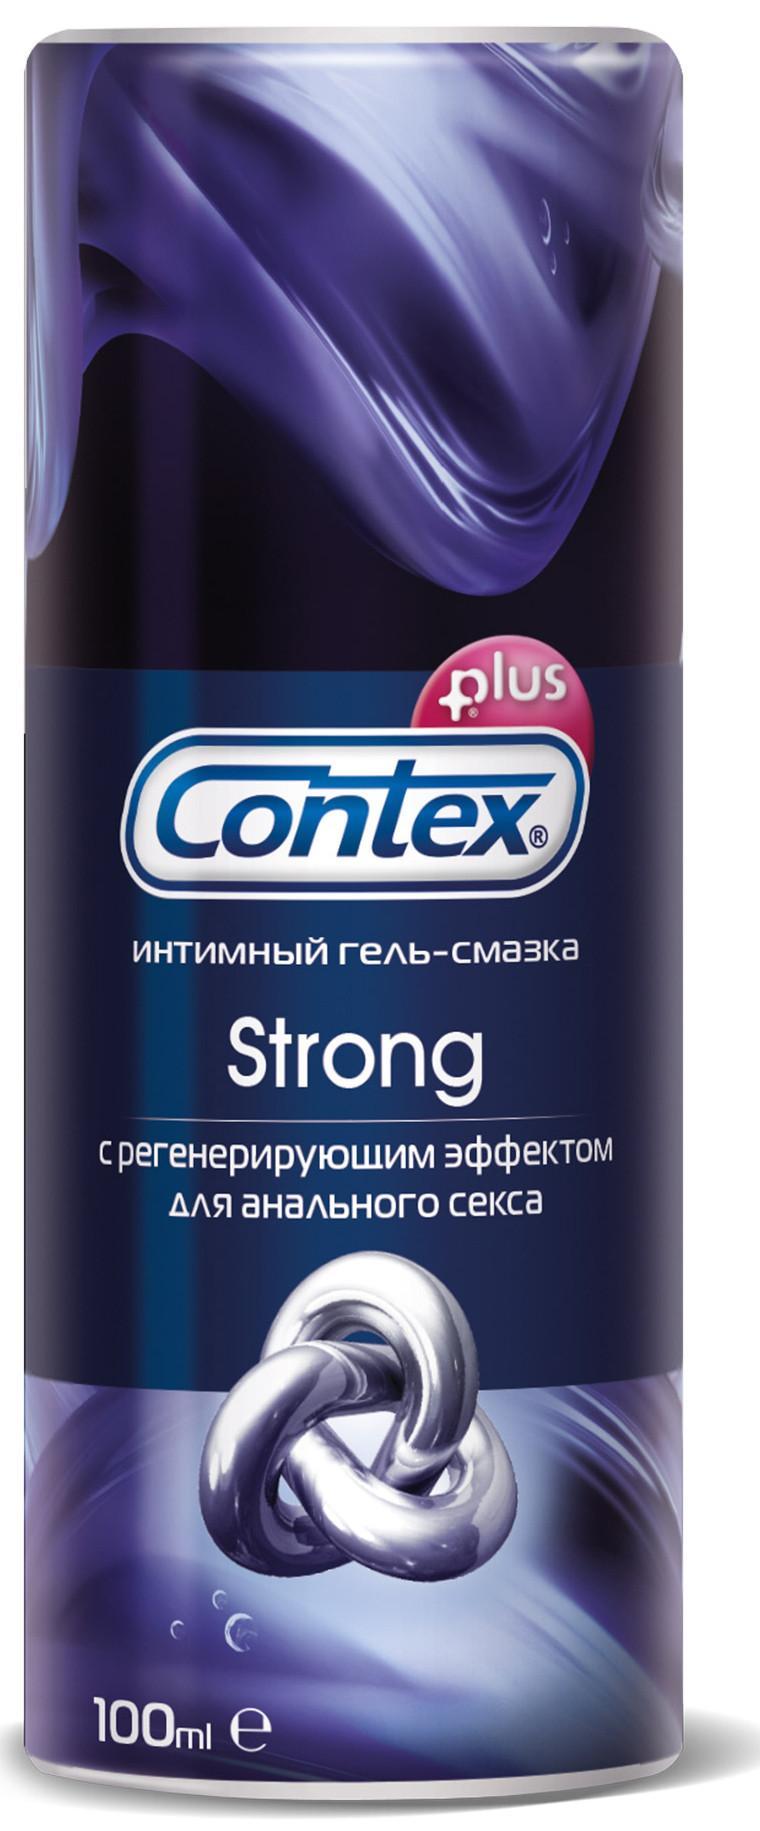 Contex Strong